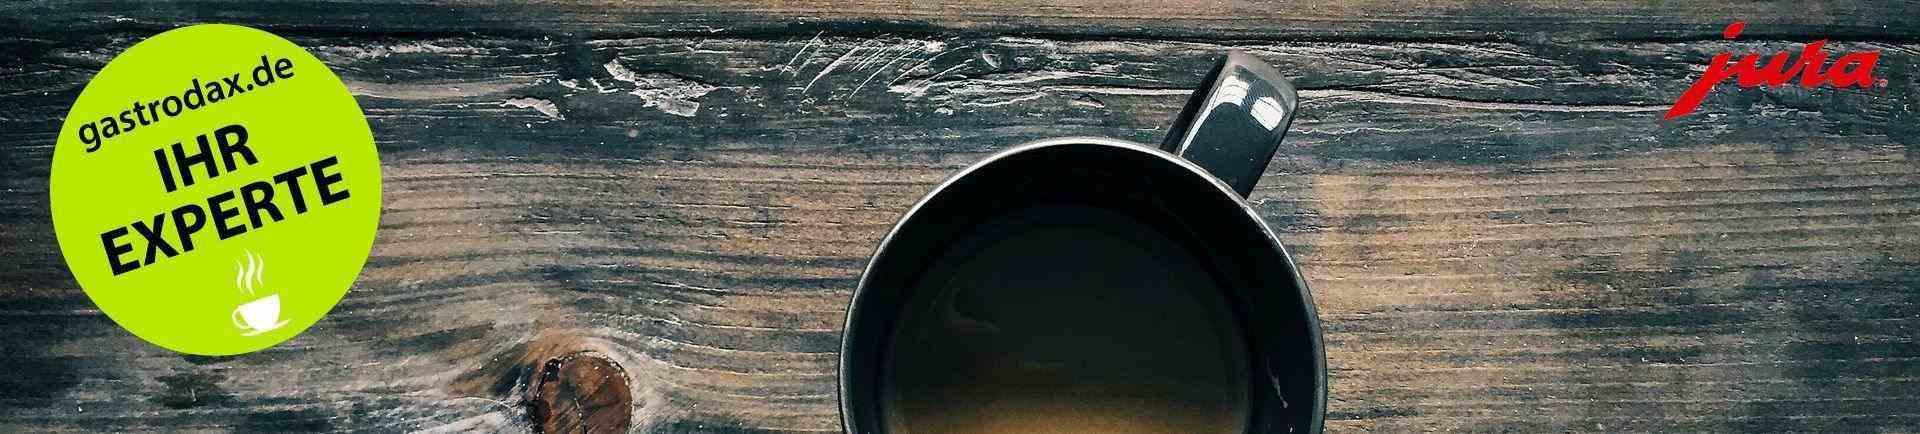 Ihr Experte für JURA-Kaffeevollautomaten